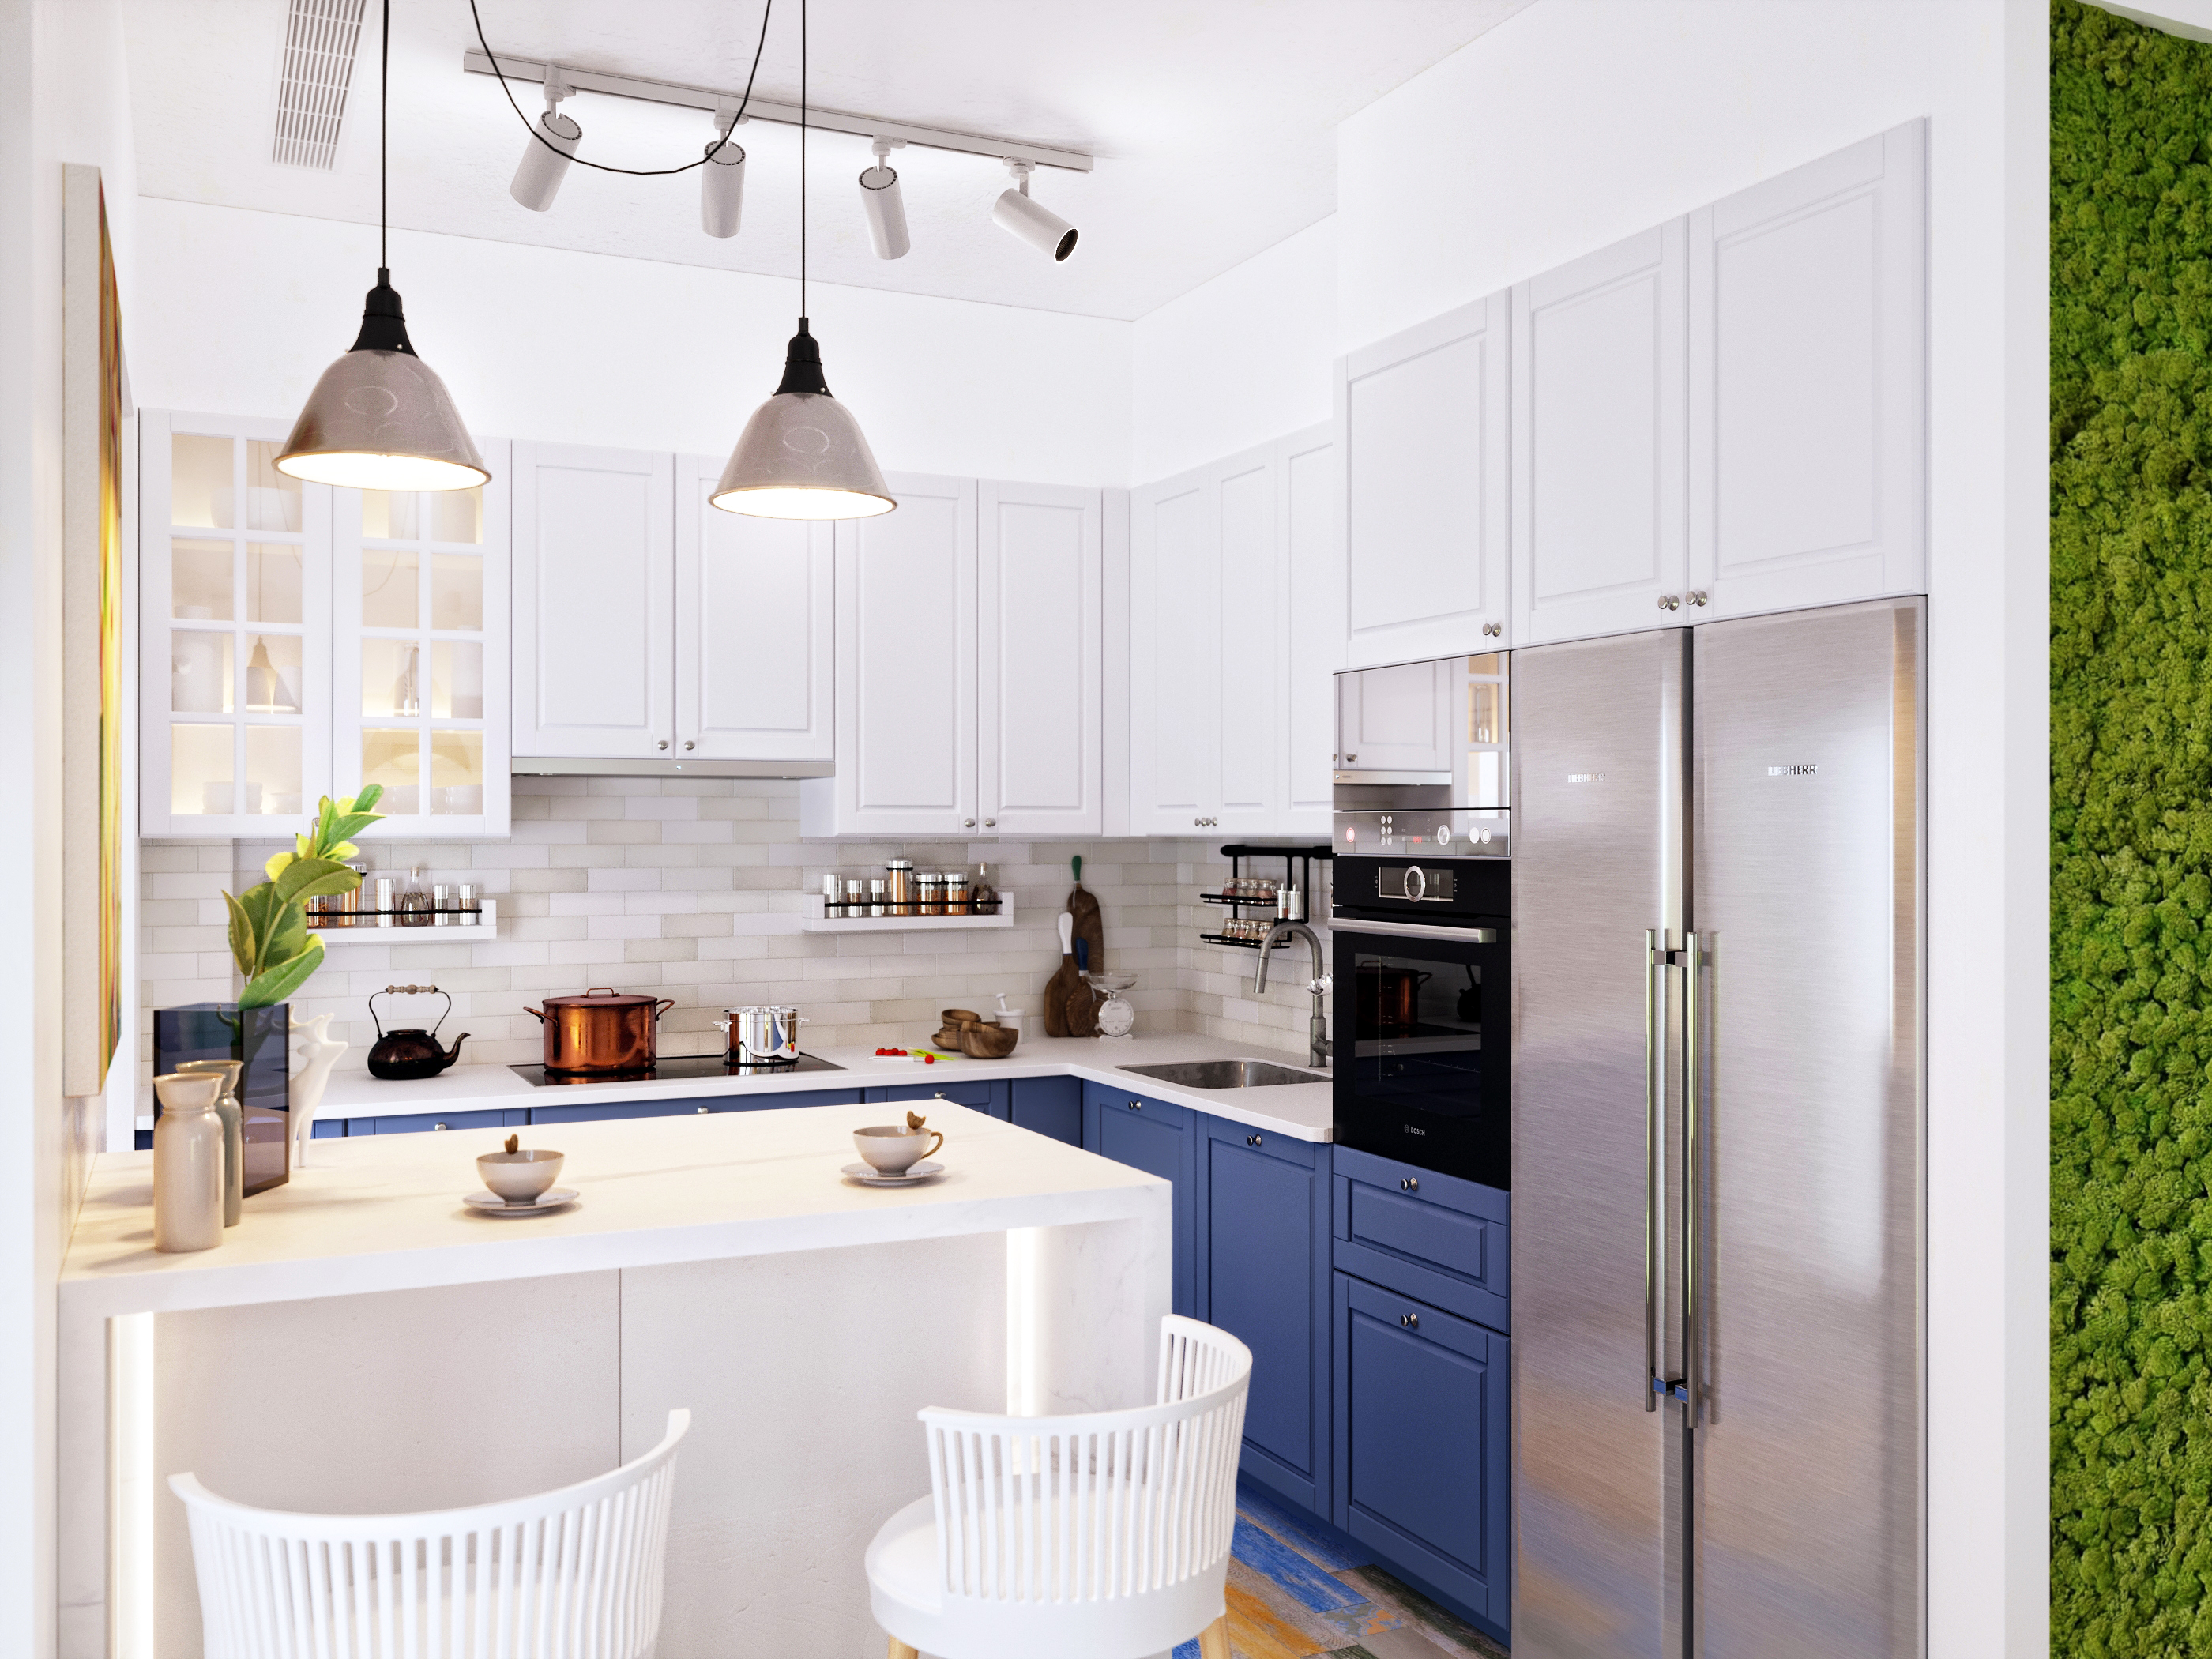 Кухонный фартук. Как правильно подобрать цвет?